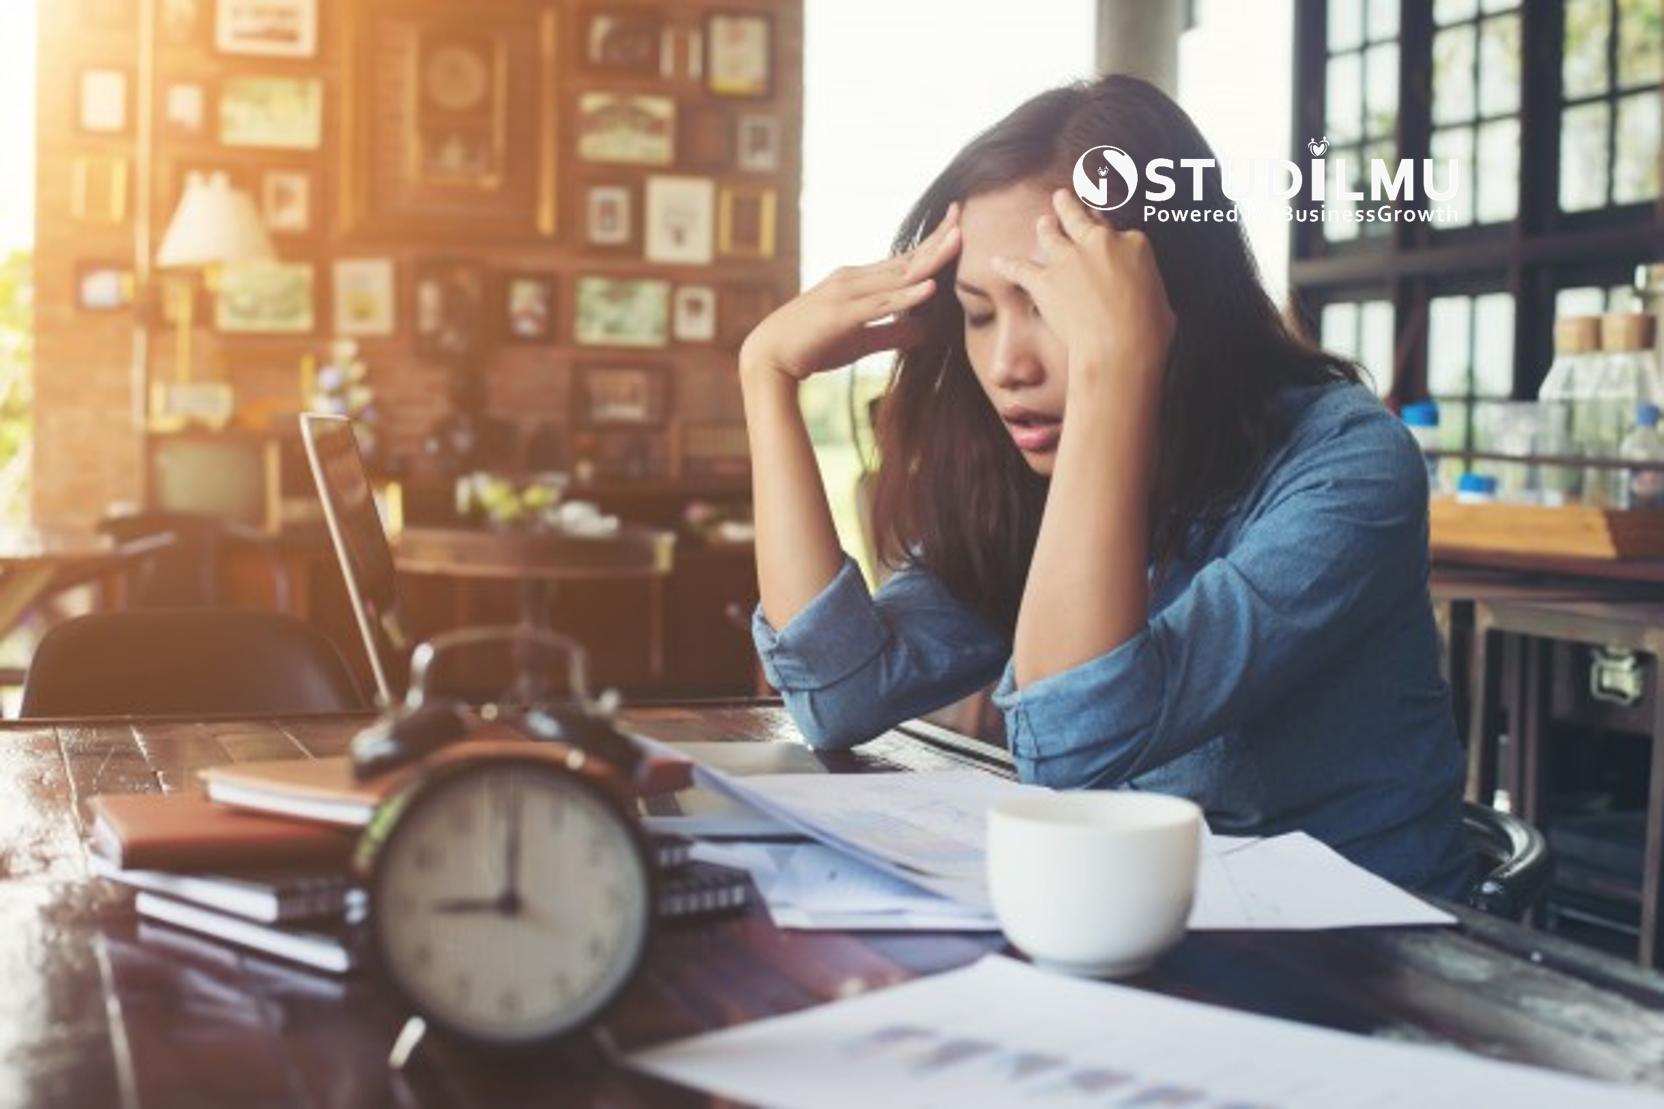 STUDILMU Career Advice - 7 Self-Improvement yang Harus Dilakukan Saat Ingin Menyerah